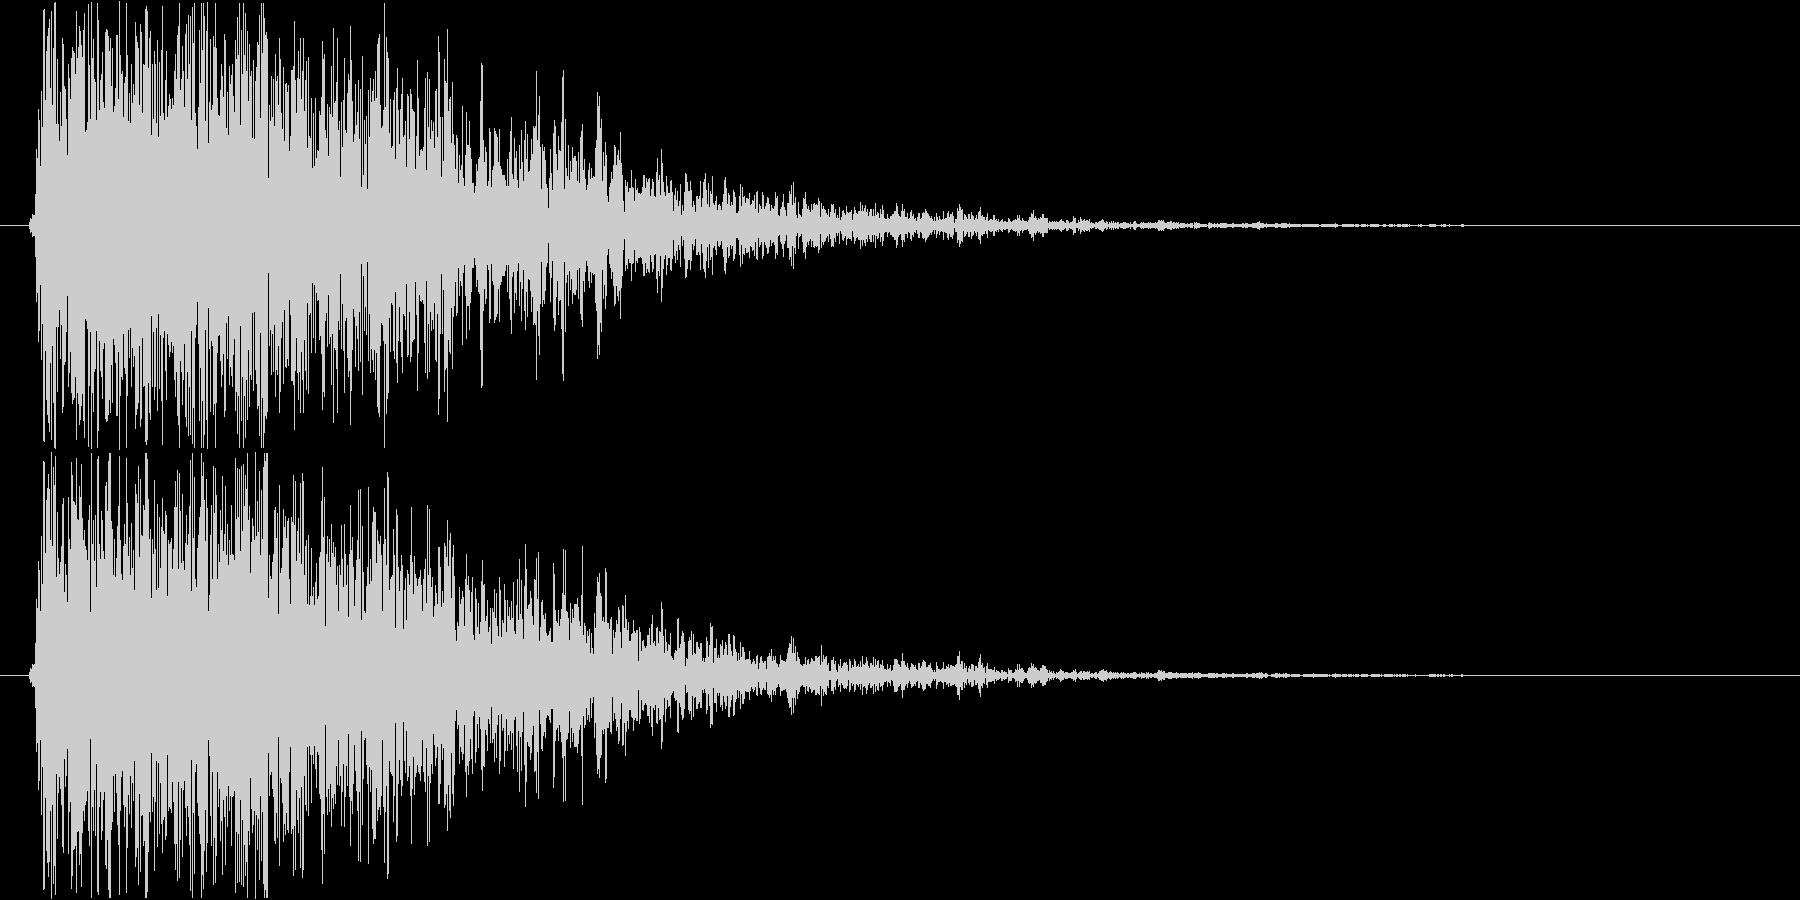 【ガオー】ドラゴン/モンスターの鳴き声の未再生の波形